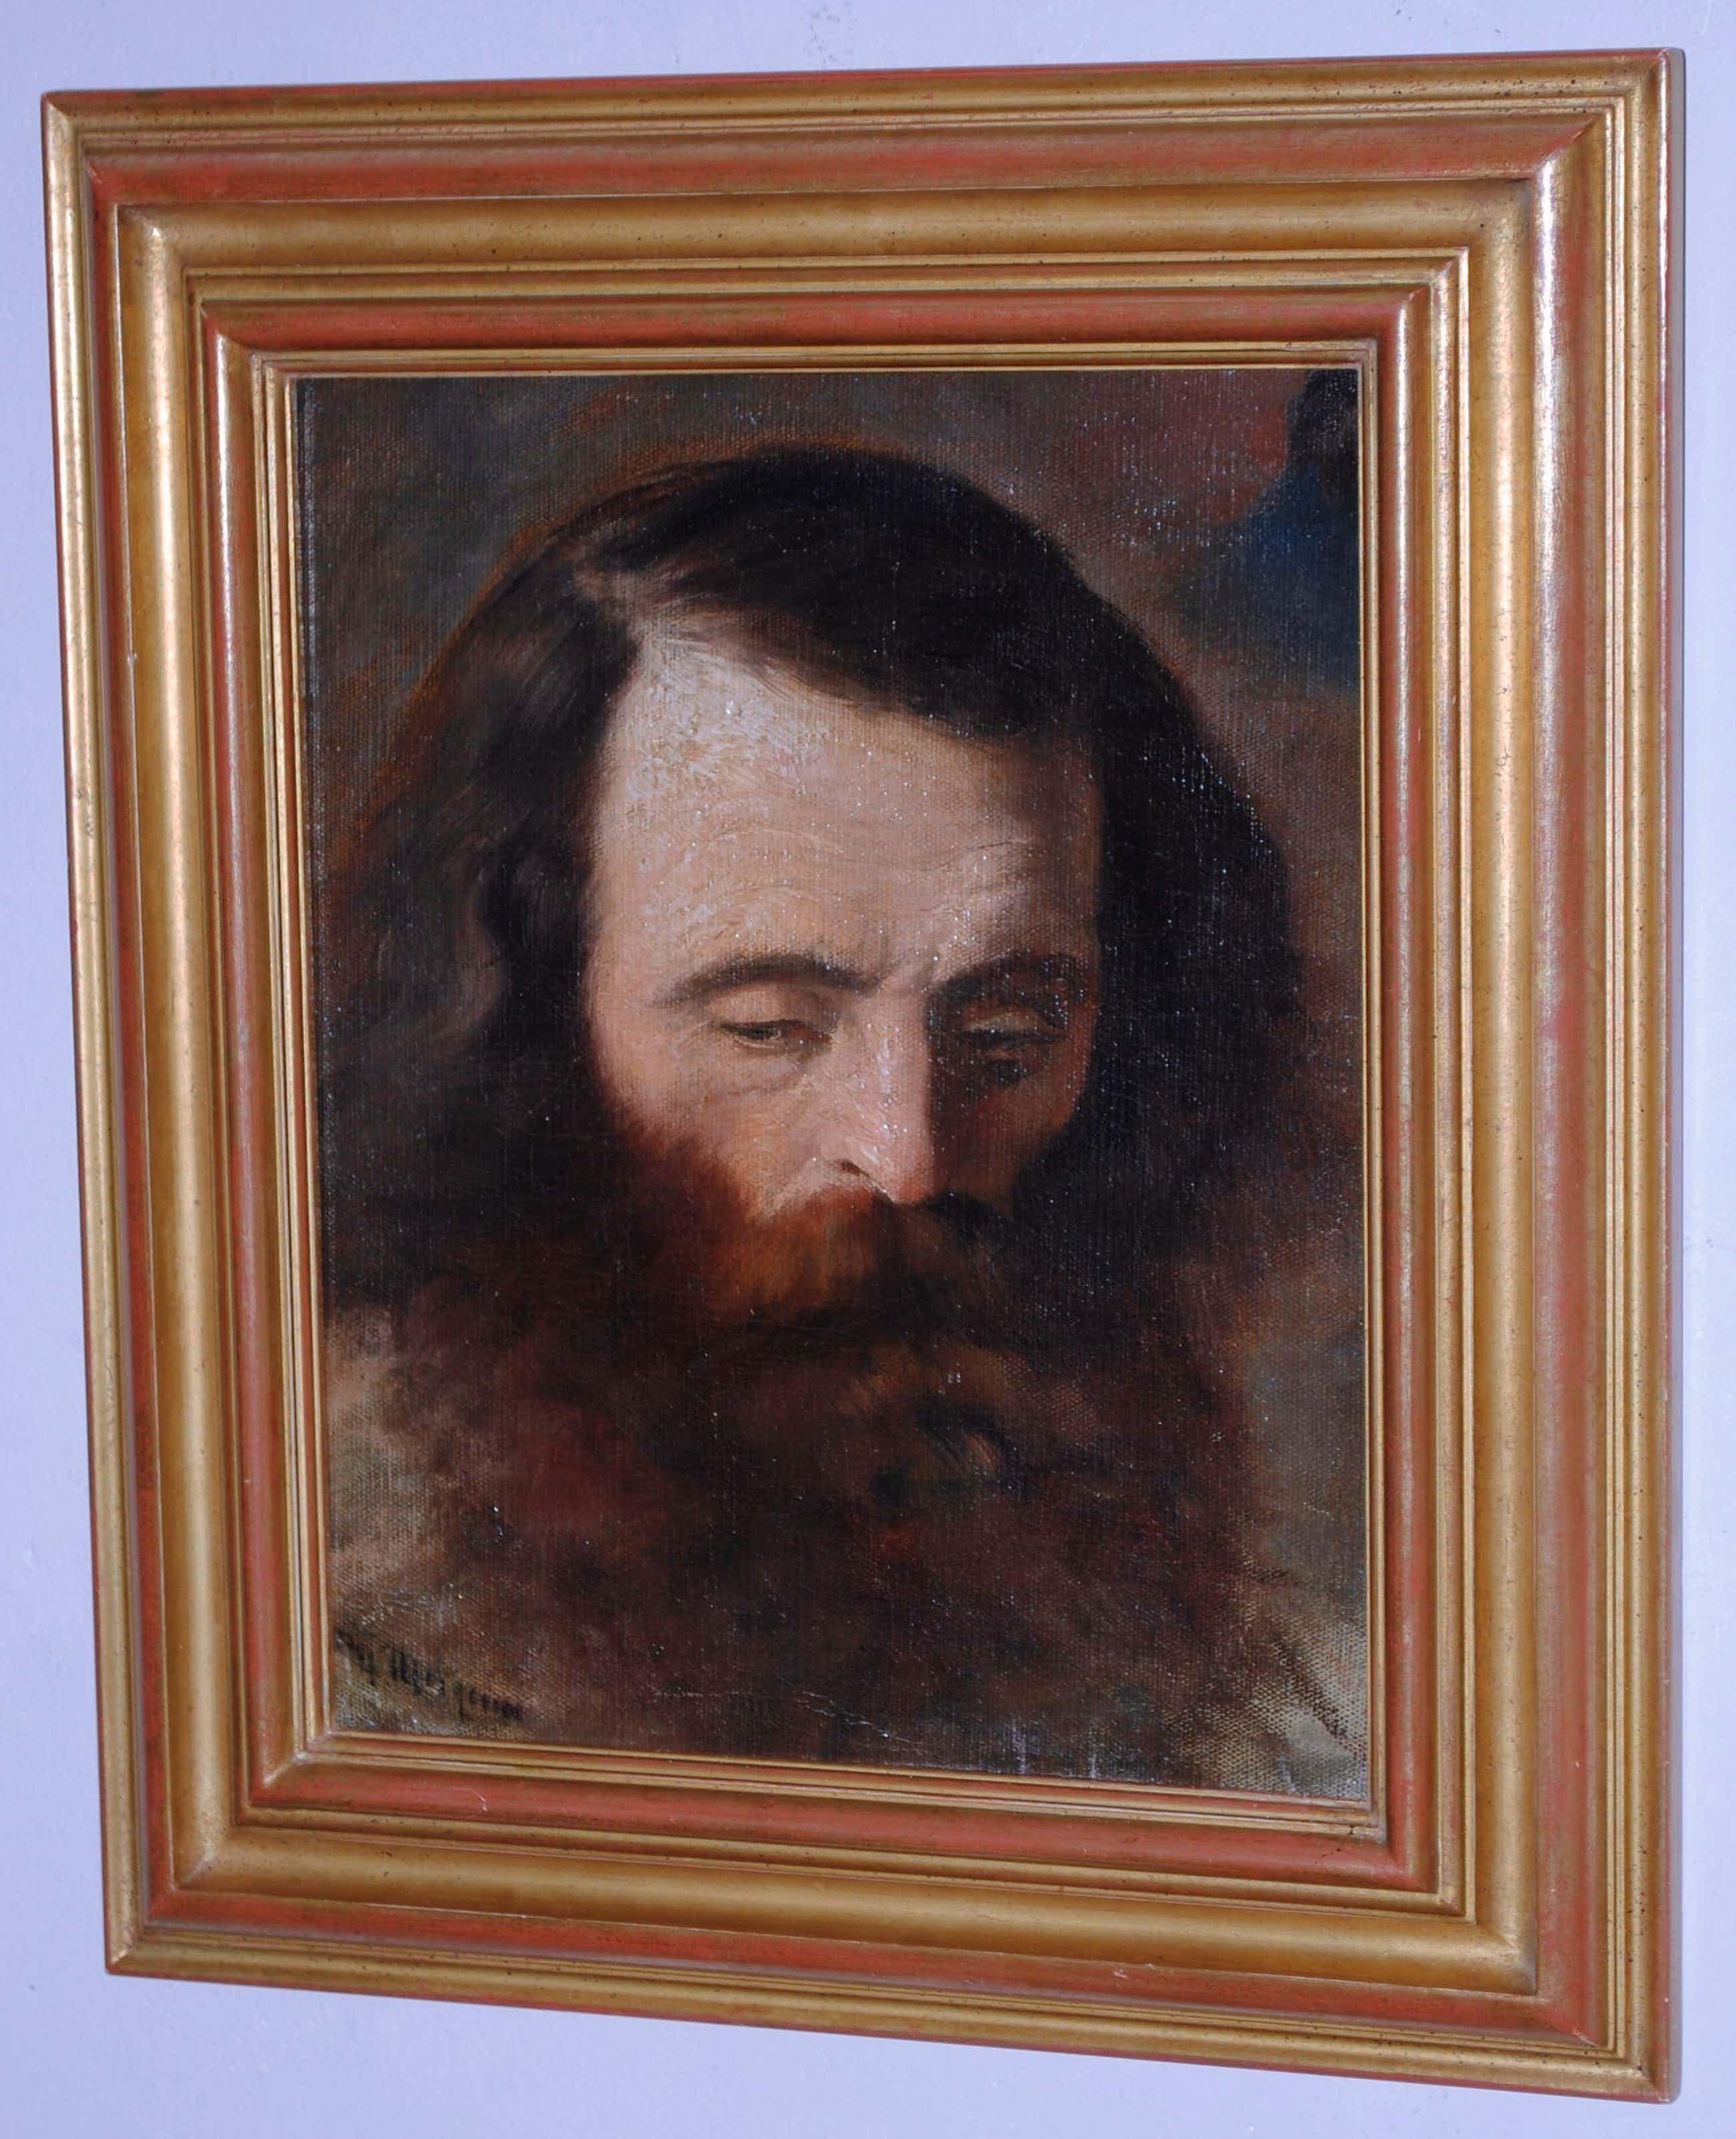 Han van Meegeren - portret van een man - olieverf kopen? Bied vanaf 150!